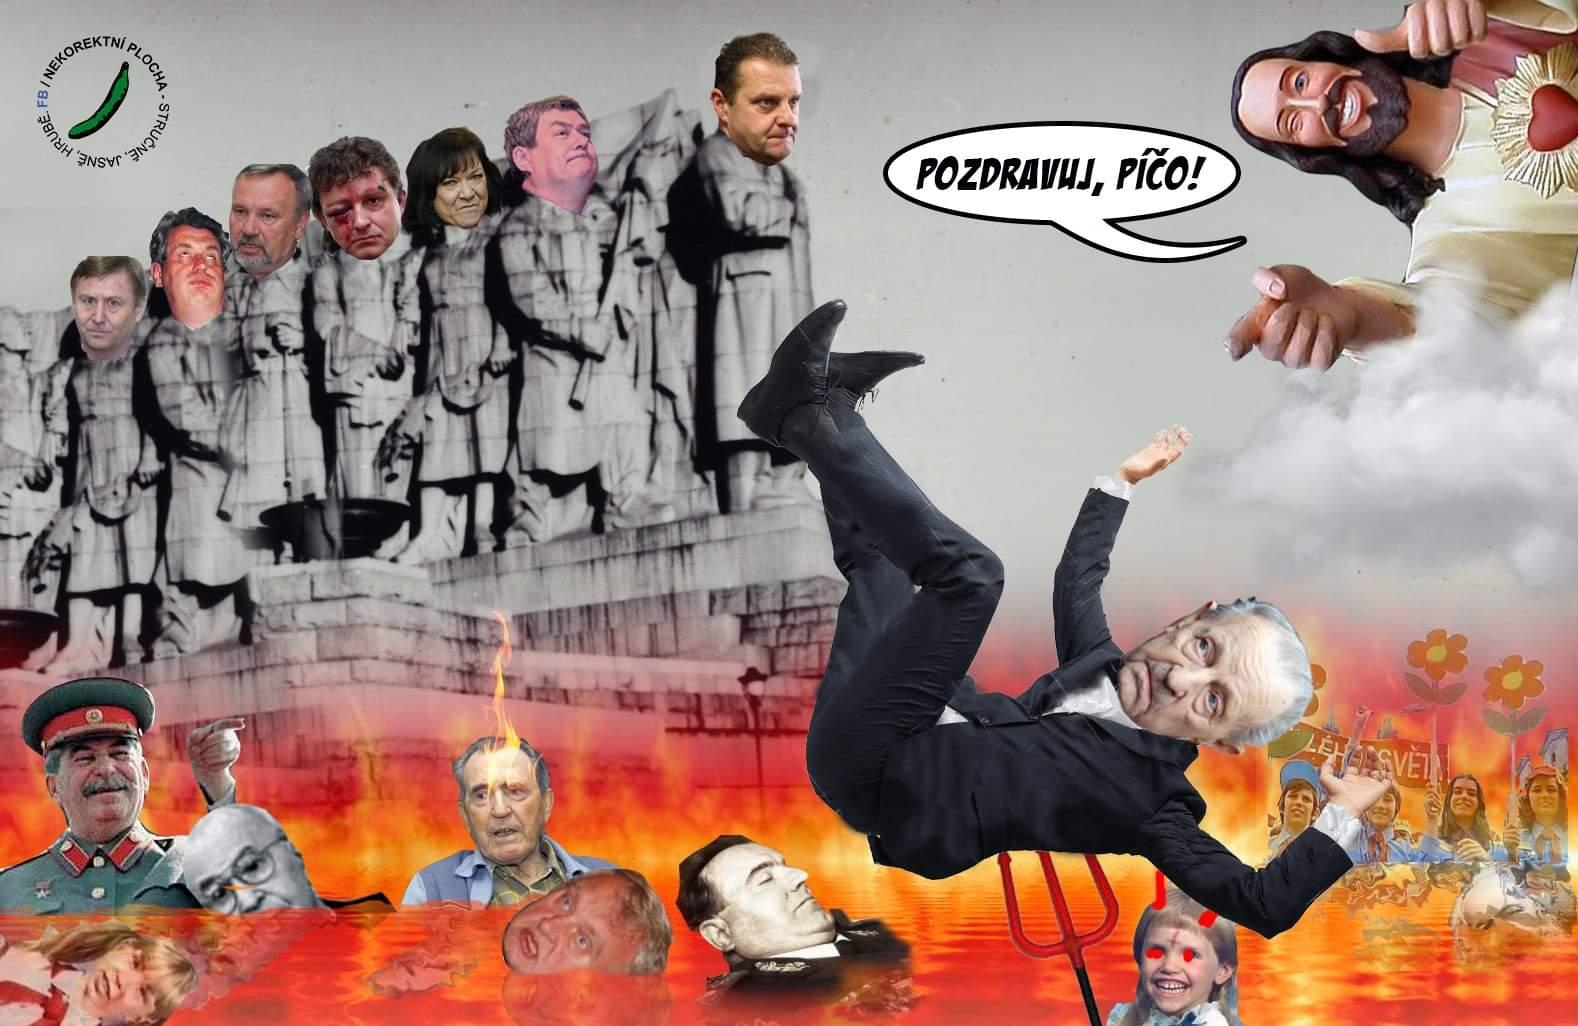 Obrázek Komunistickepeklo